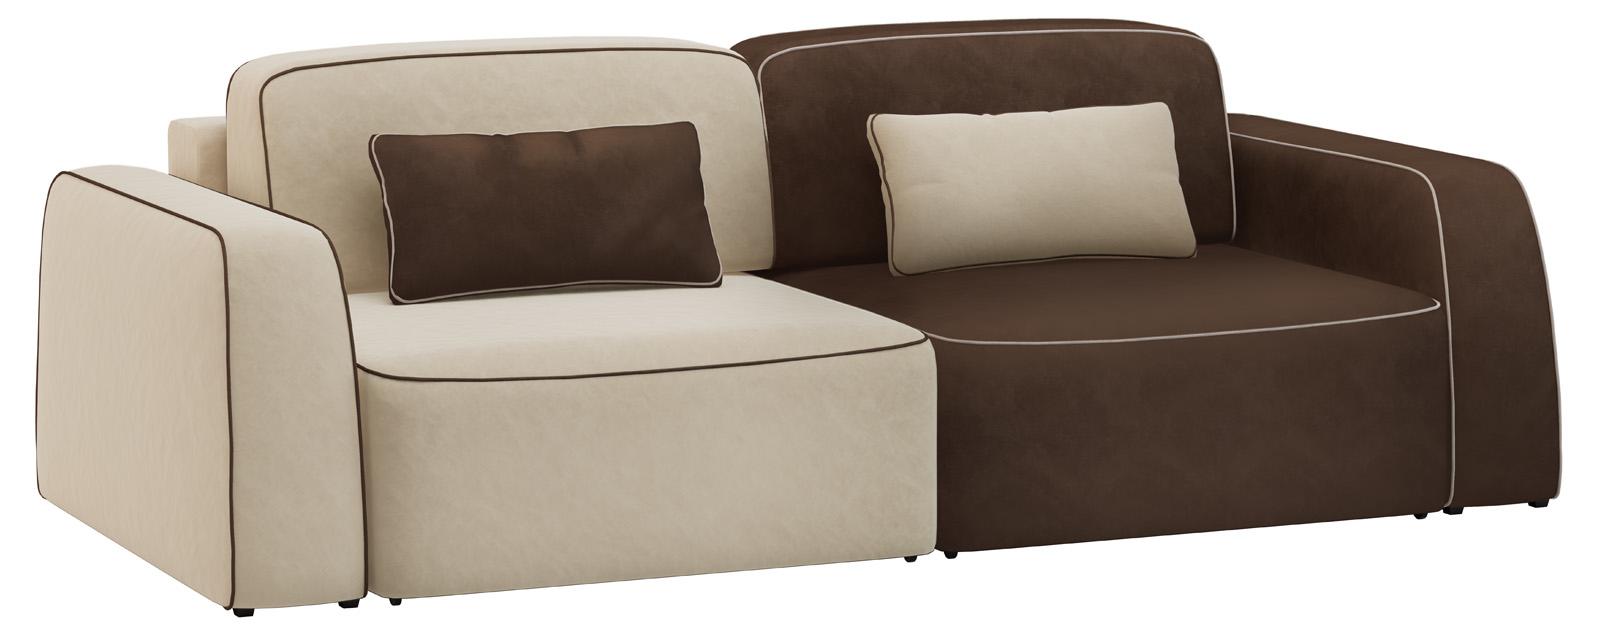 Модульный диван Портленд 200 см Вариант №2 Velure бежевый/темно-коричневый (Велюр) от HomeMe.ru